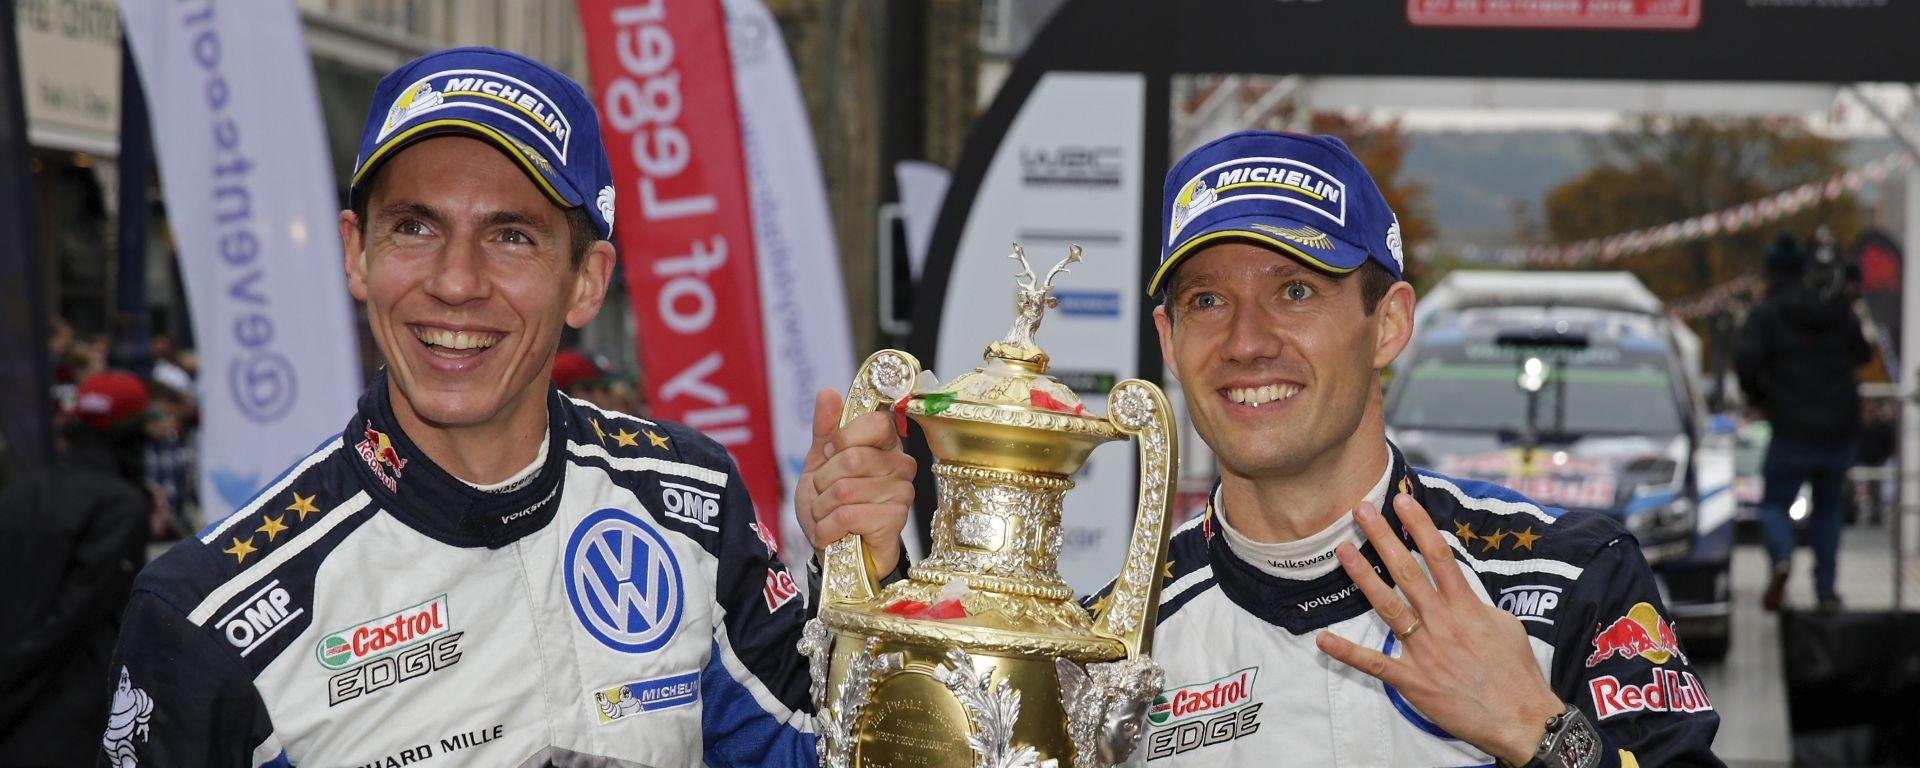 Ogier e Ingrassia - Volkswagen Motorsport